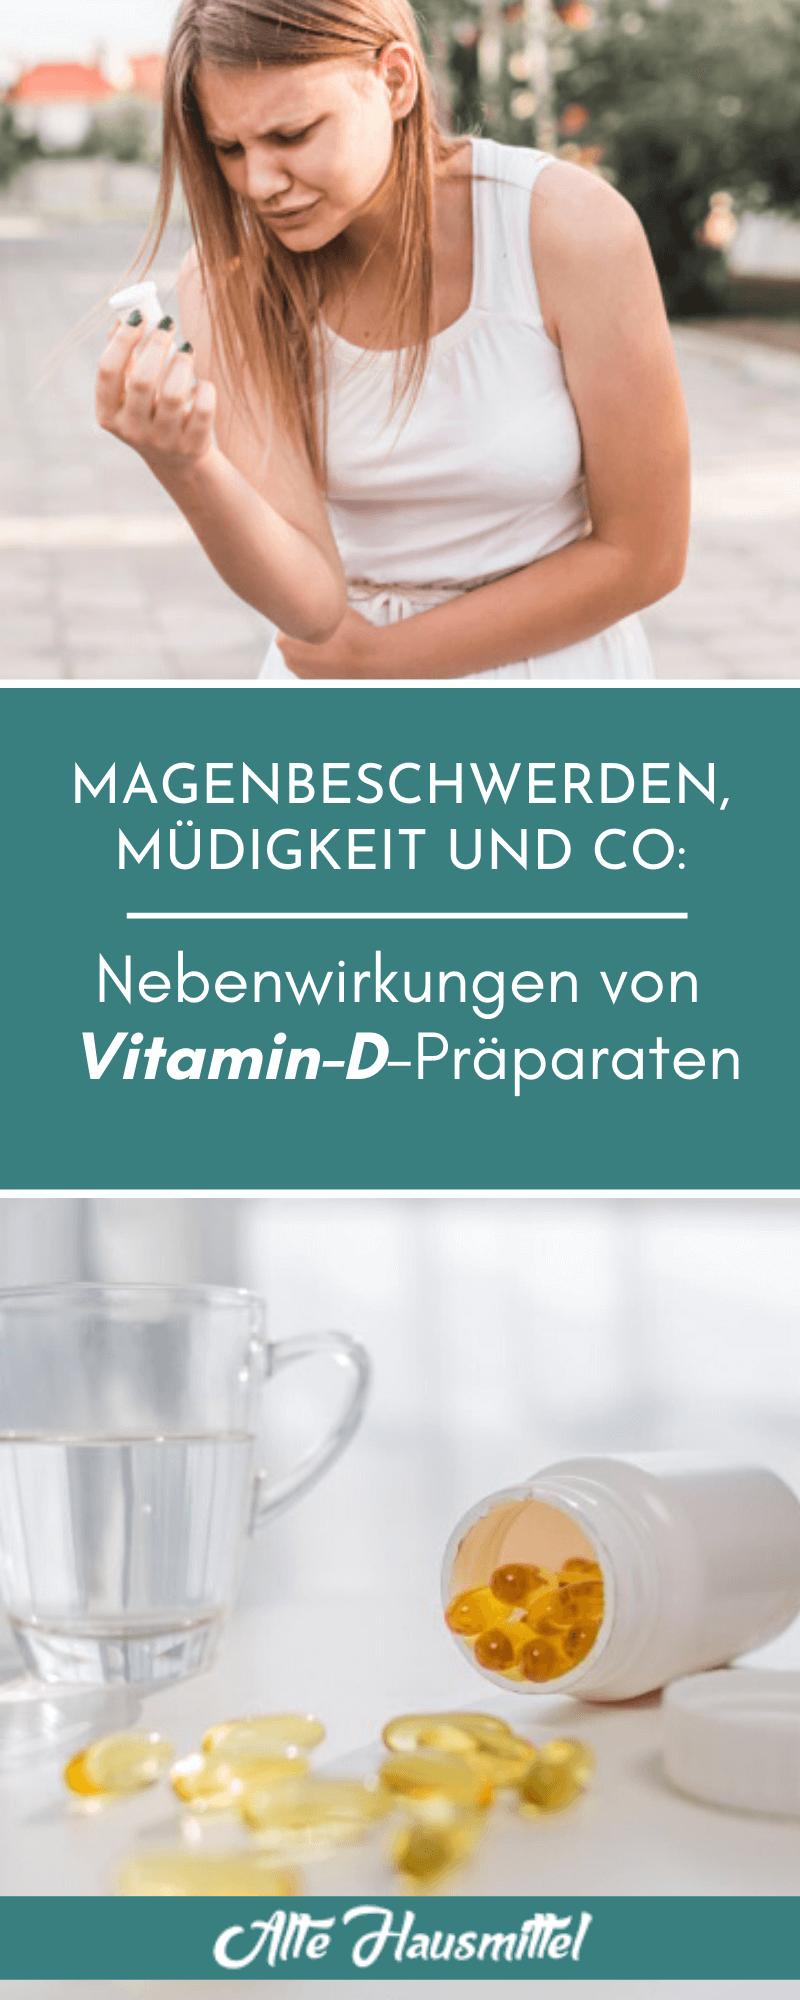 Magenbeschwerden, Müdigkeit und Co: Nebenwirkungen von Vitamin-D-Präparaten